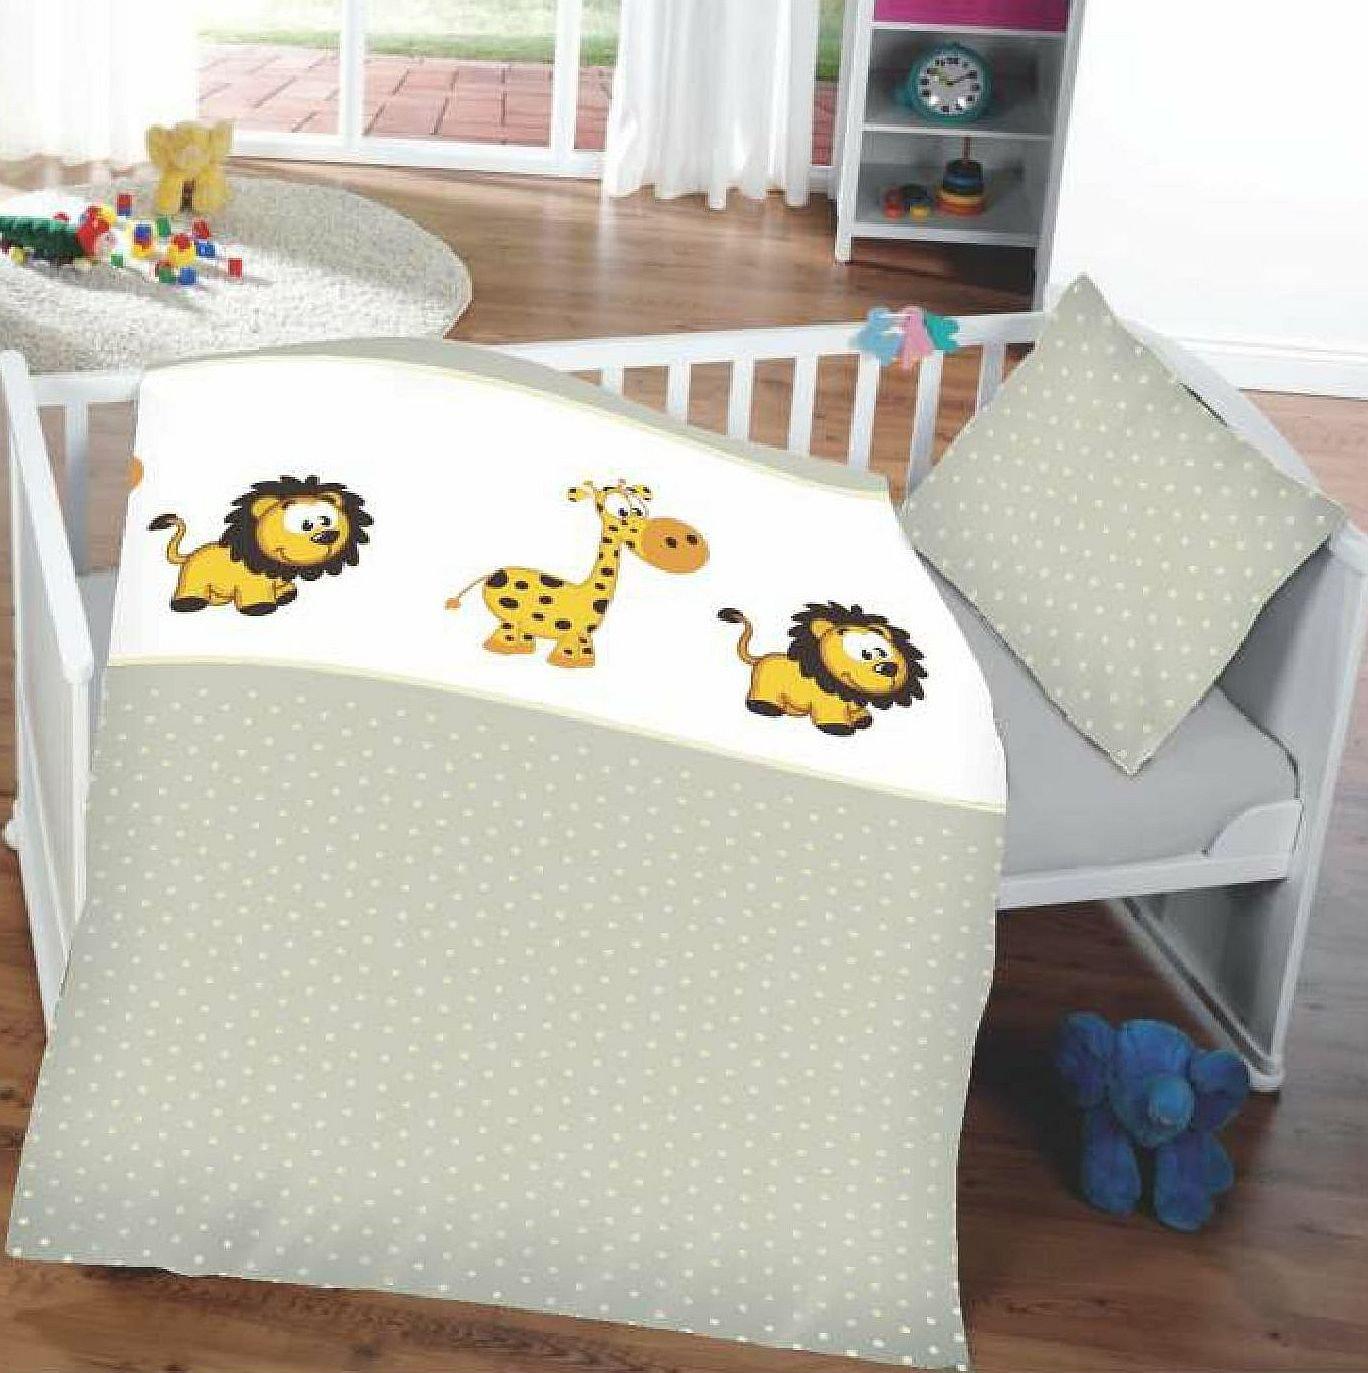 Kinderbettwäsche Babybettwäsche 100% Baumwolle 40x60 cm + 100x135 cm (Zoo) KiGATEX